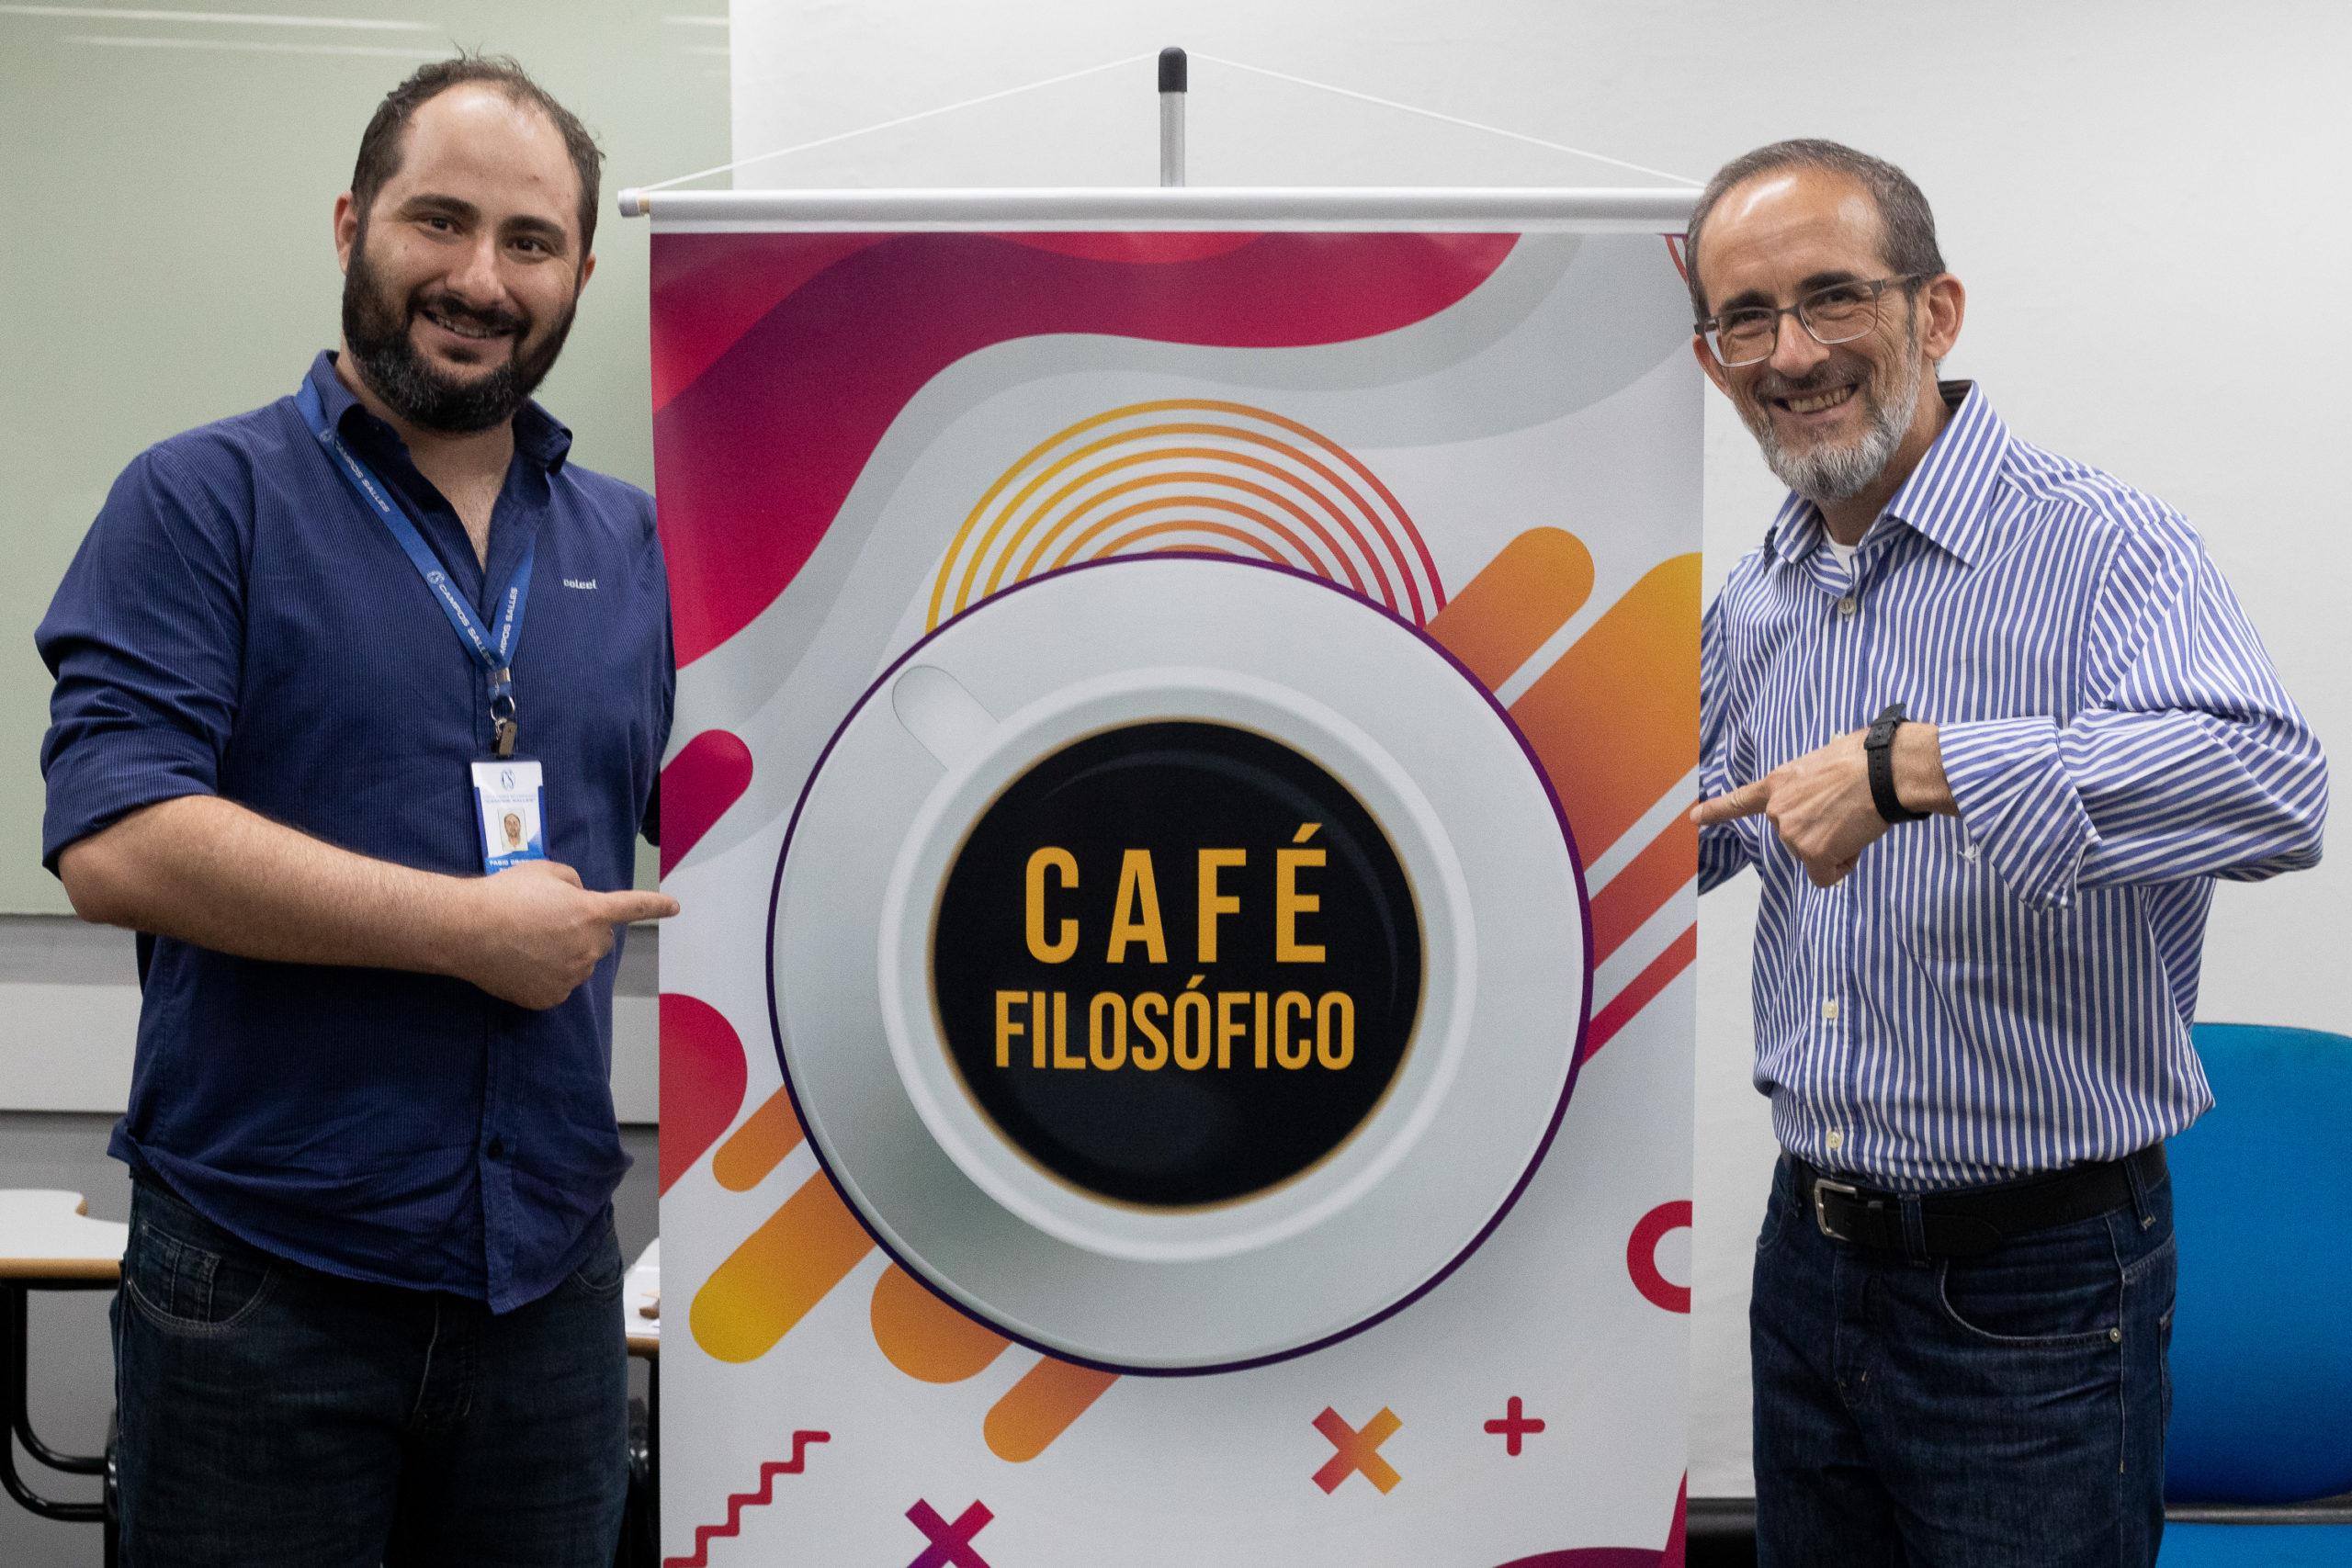 1º Café Filosófico: A sorte, o azar e a filosofia